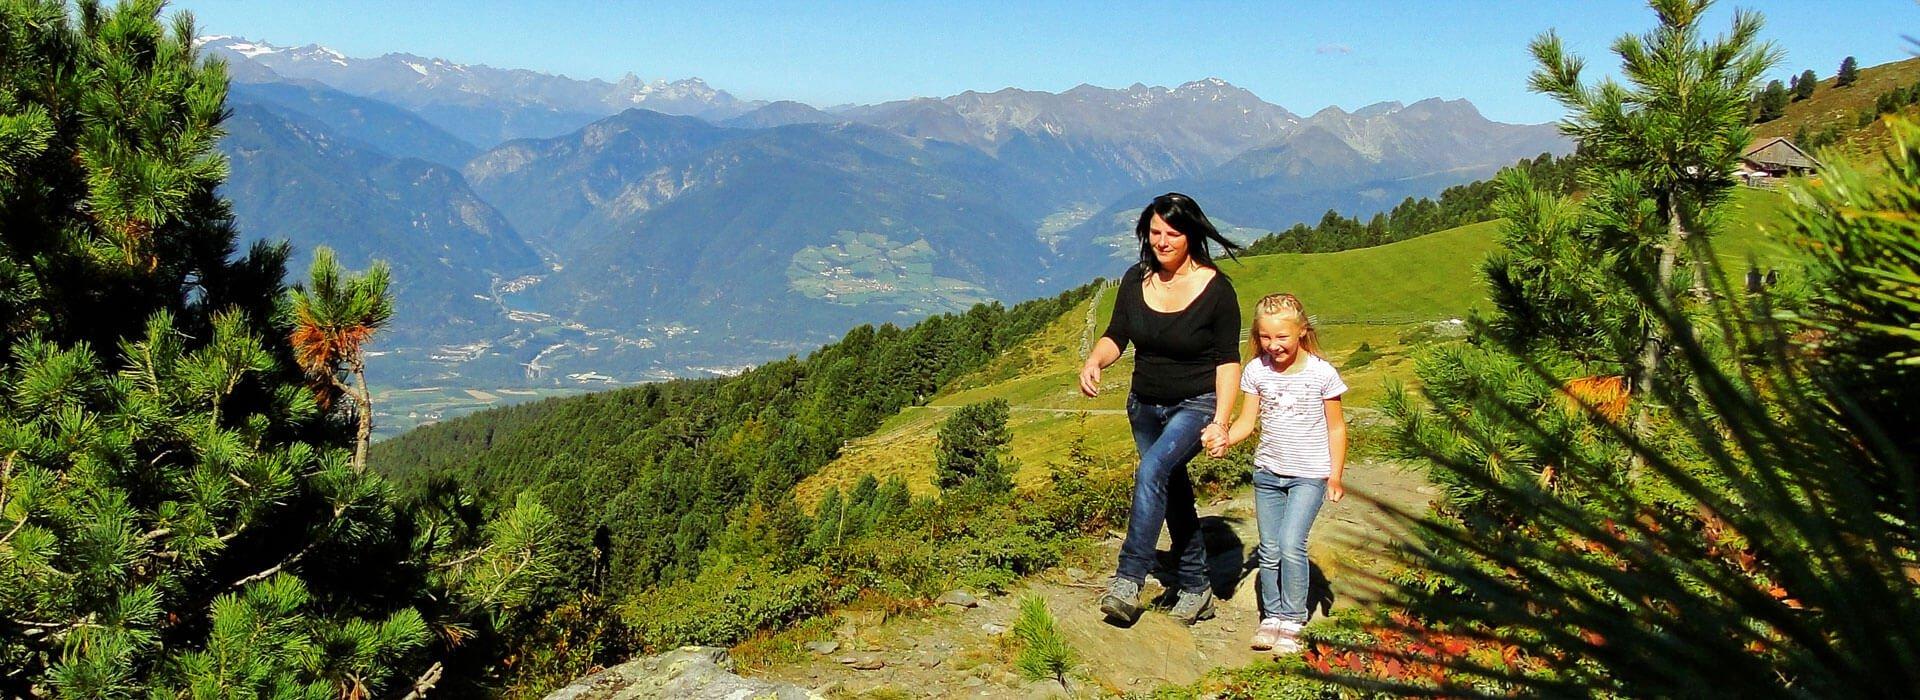 wanderurlaub-mit-kindern-dolomiten